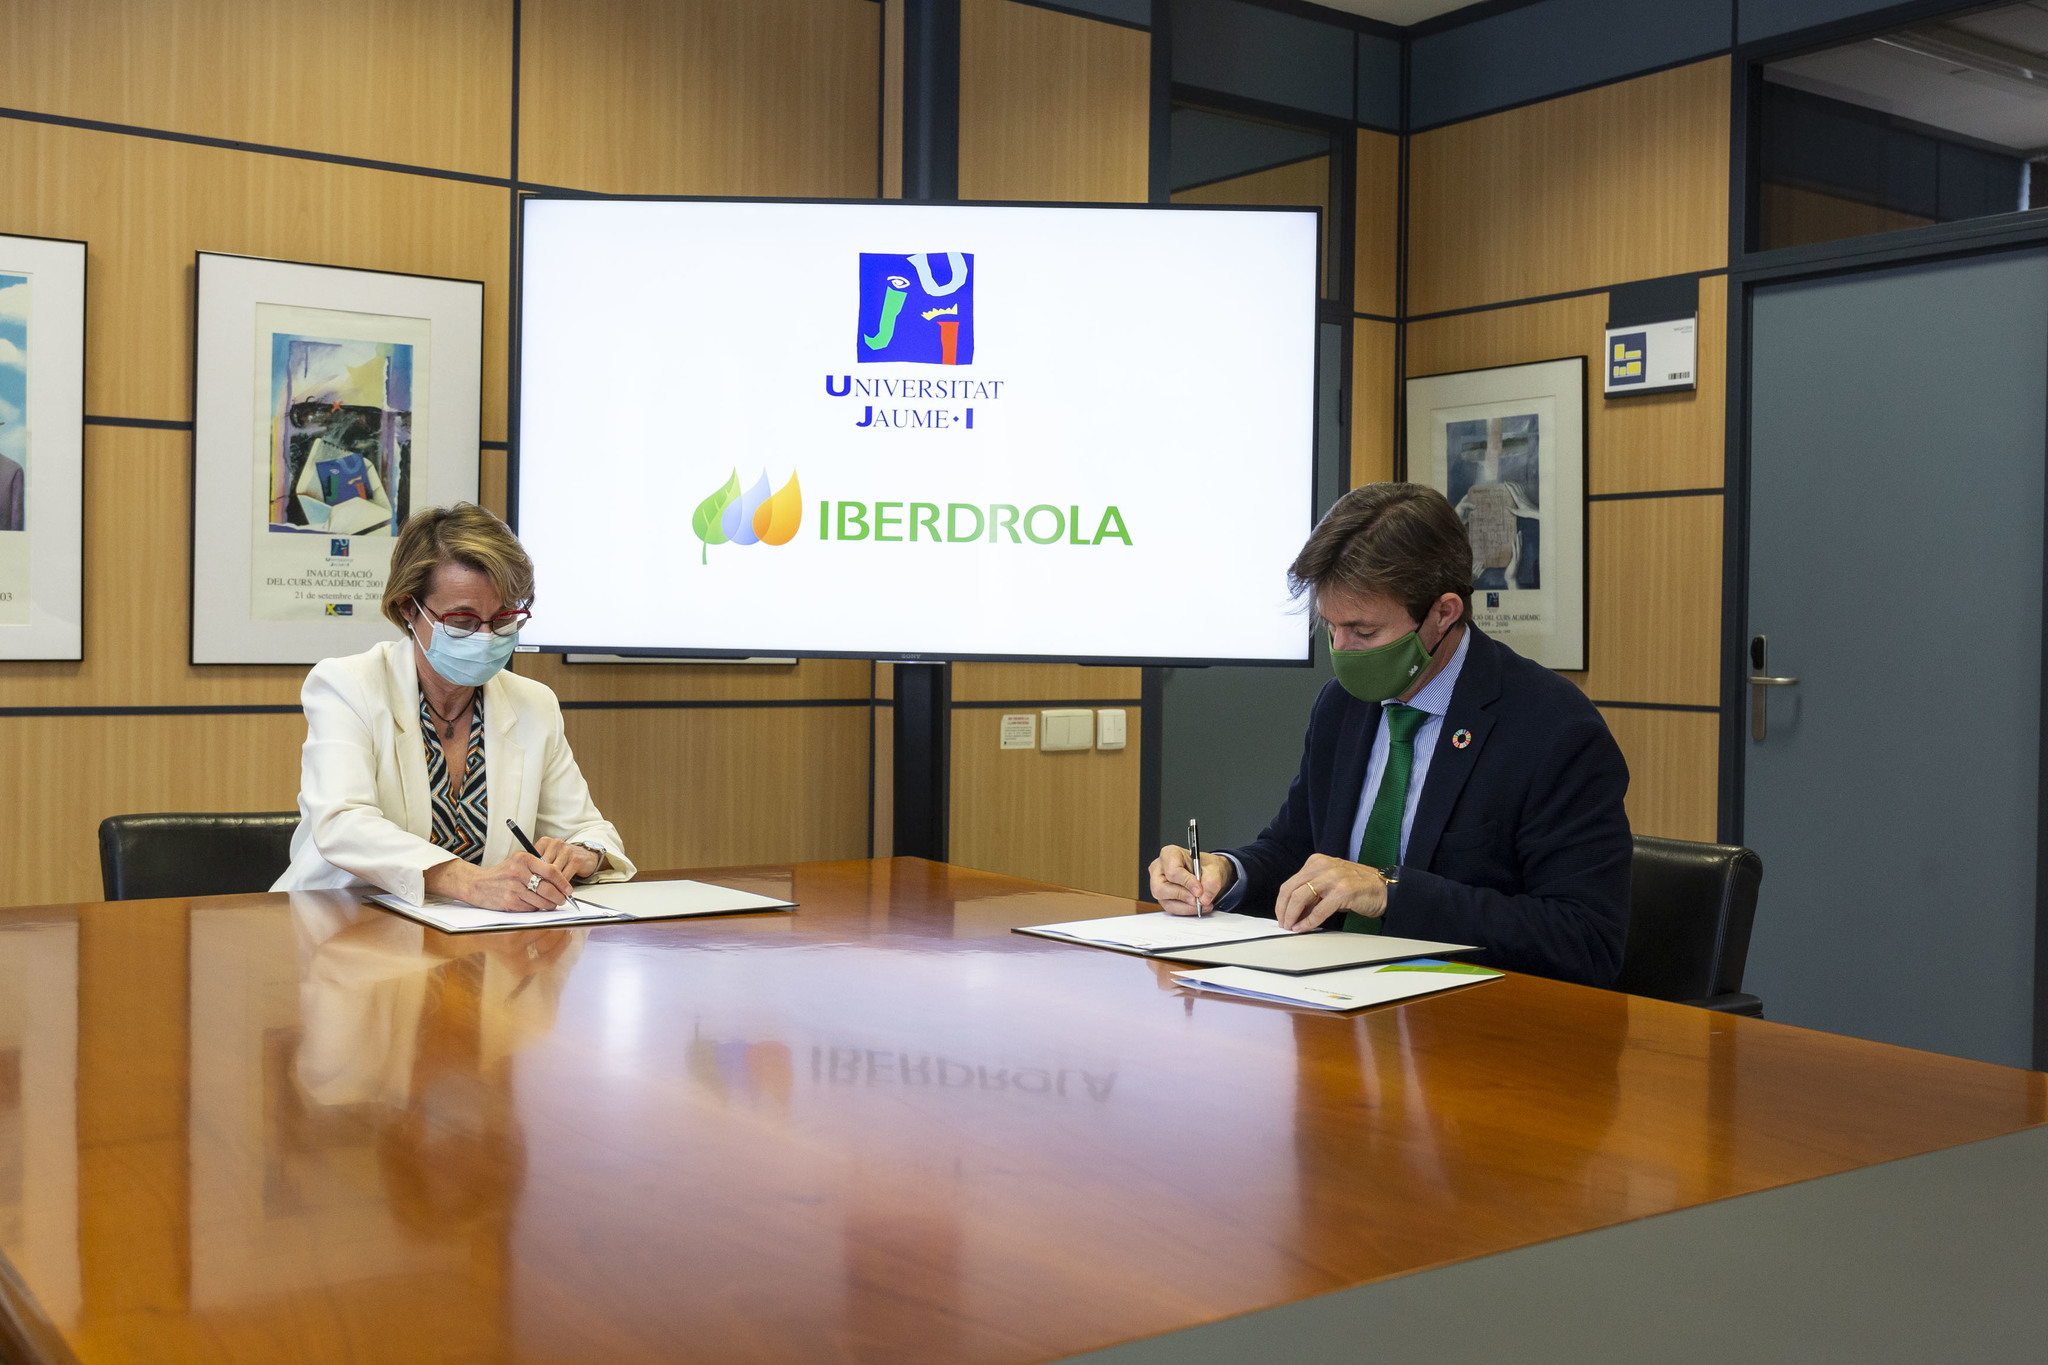 La rectora de la UJI, Eva Halcón, y el delegado institucional de Iberdrola en la Comunidad, Ibán Molina, han firmado un acuerdo.